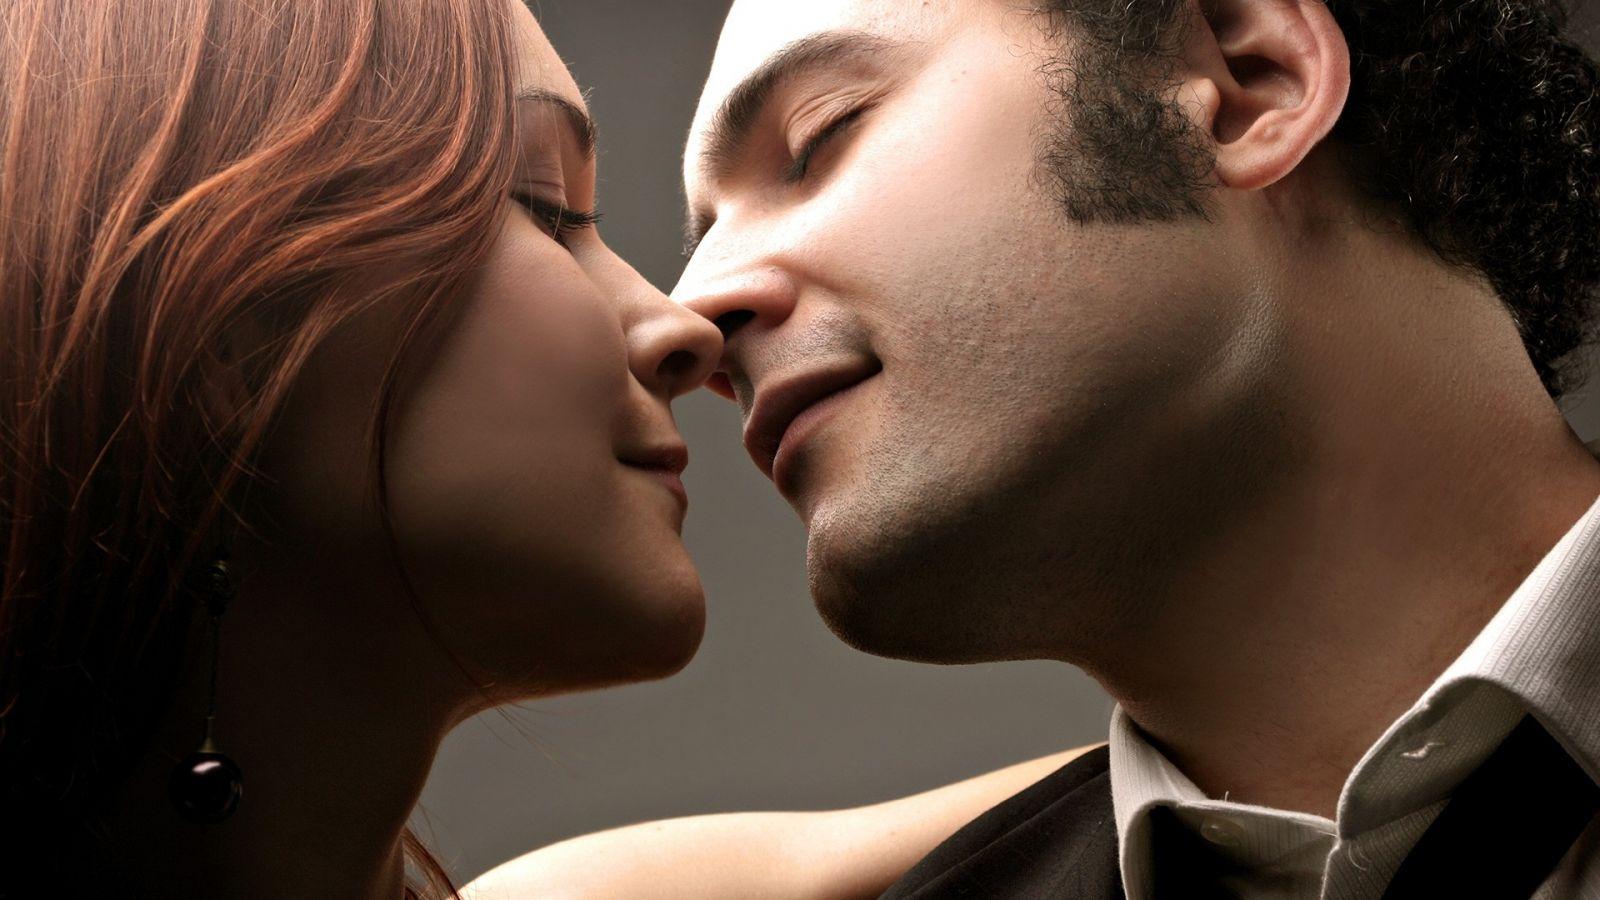 Как нужно целовать и ласкать женскую грудь чтобы возбудить